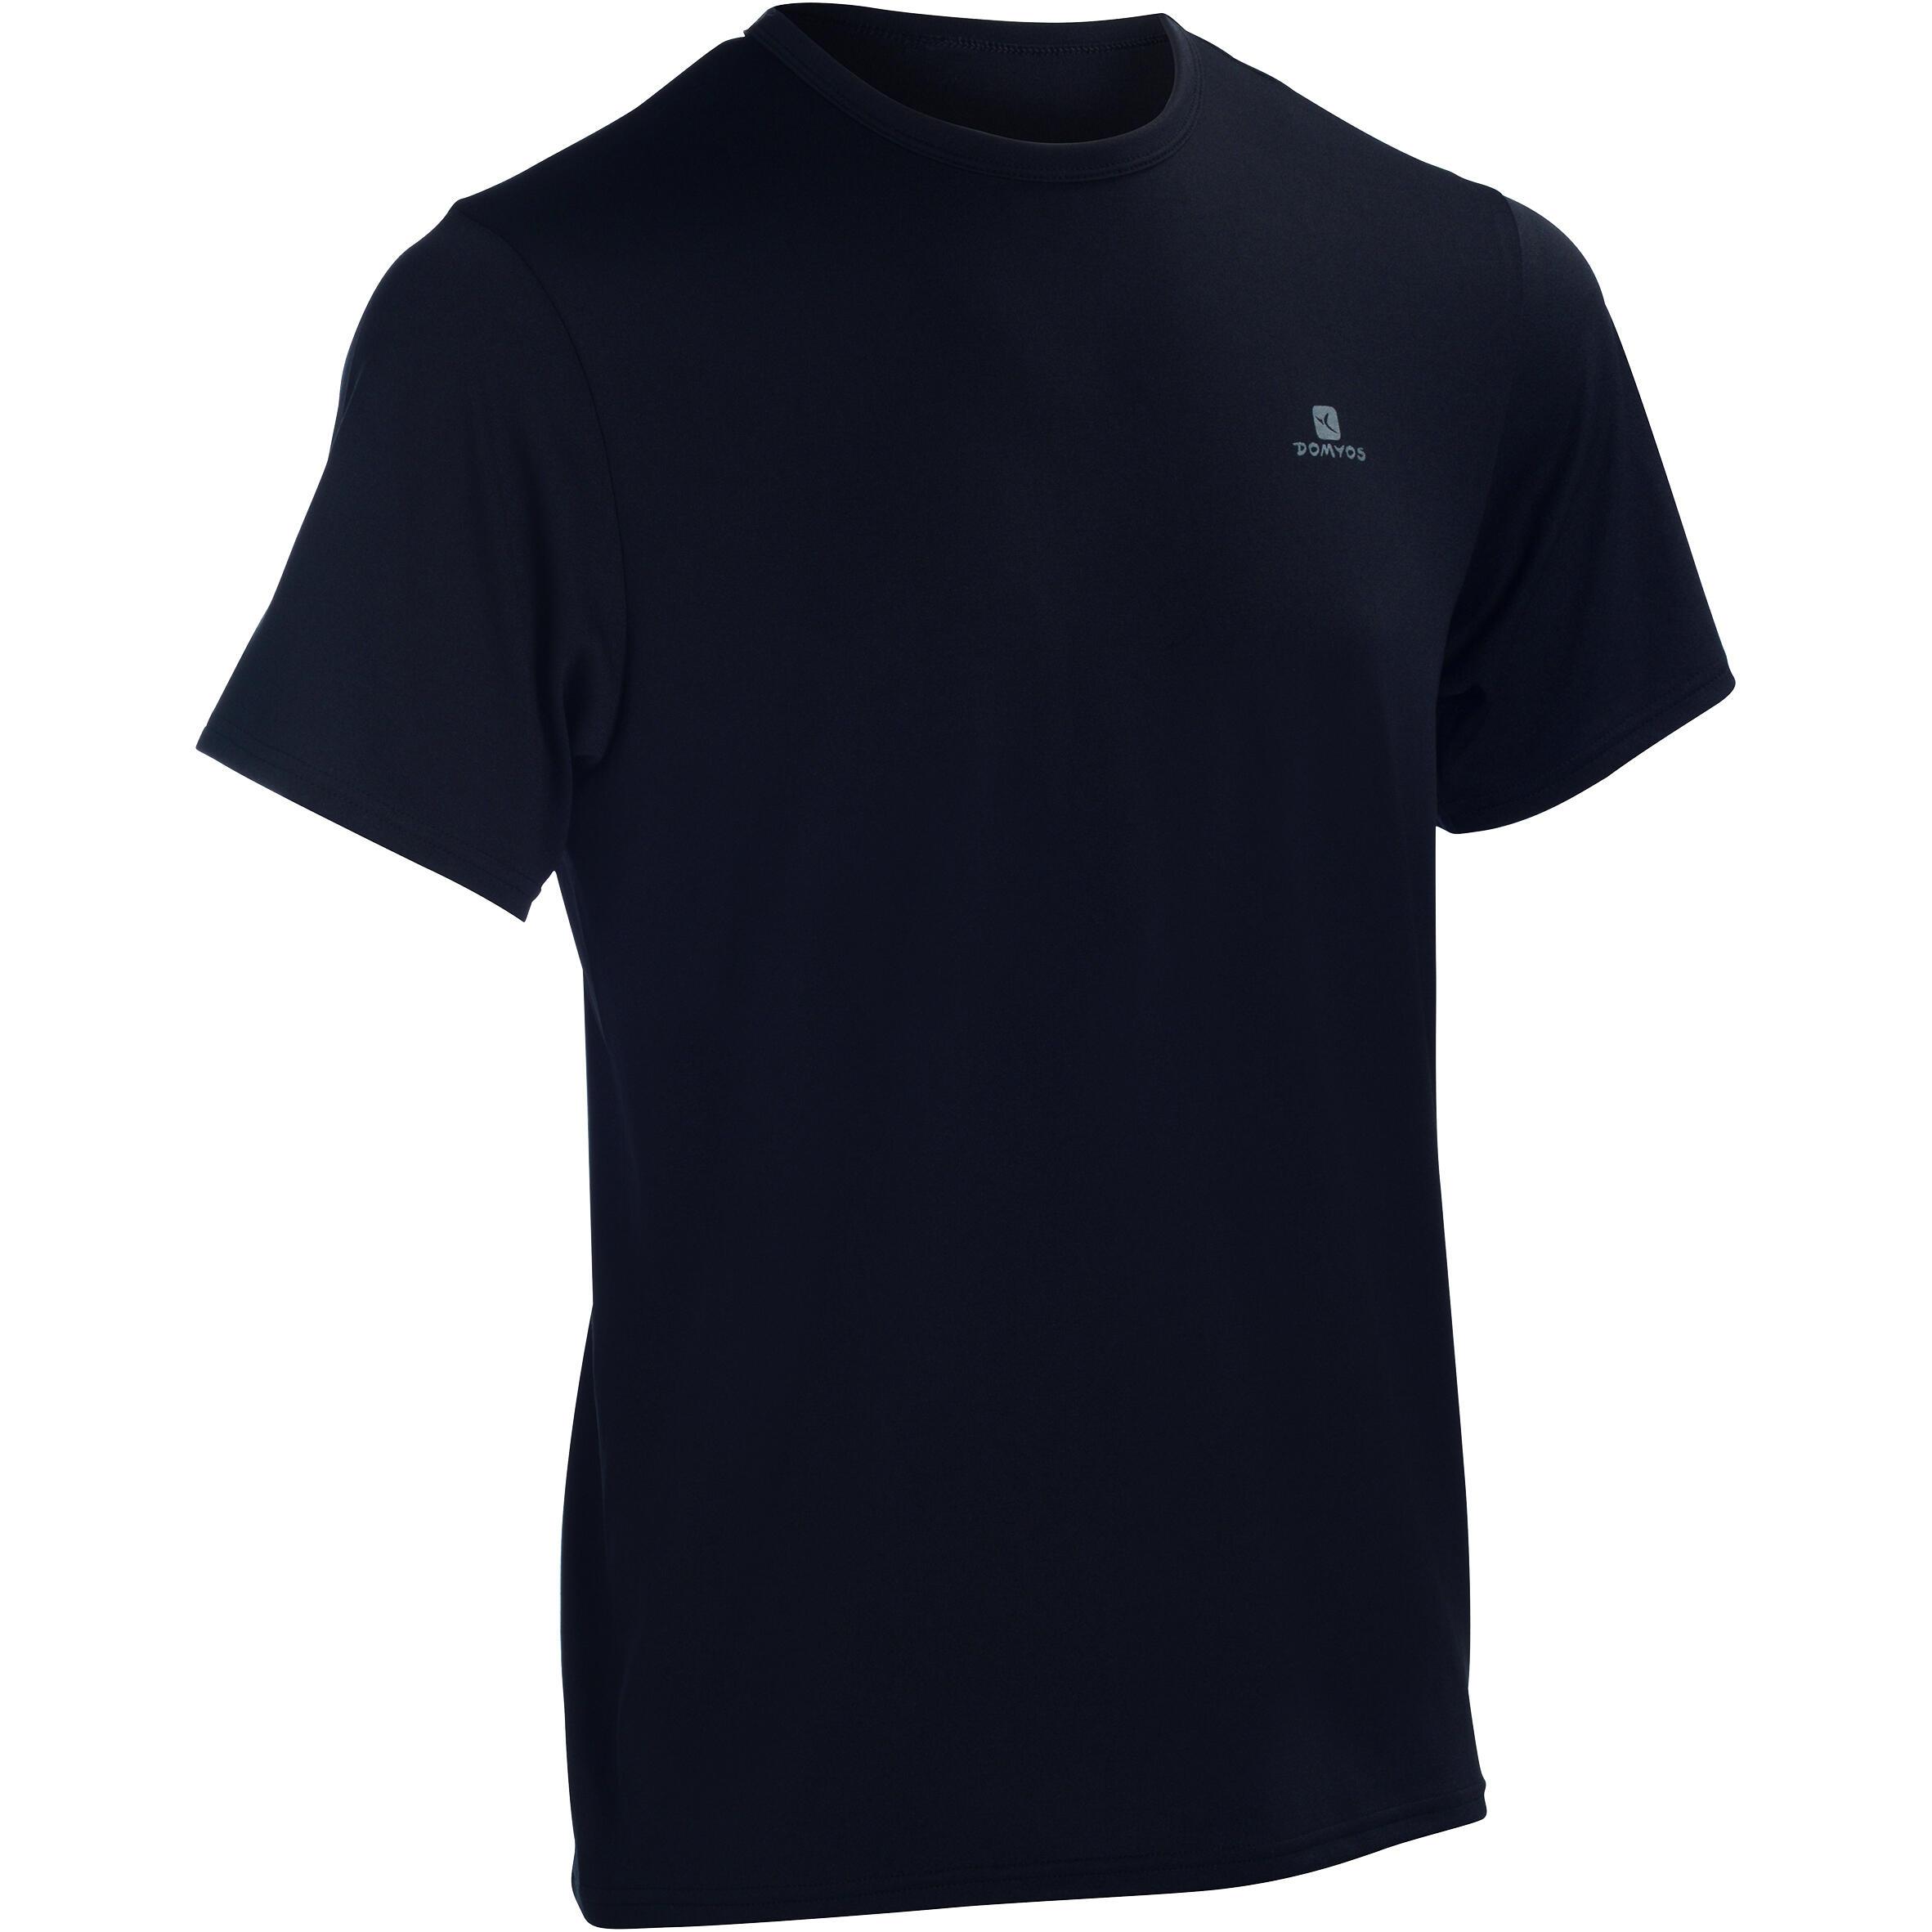 T-shirt entraînement cardio homme noir ENERGY